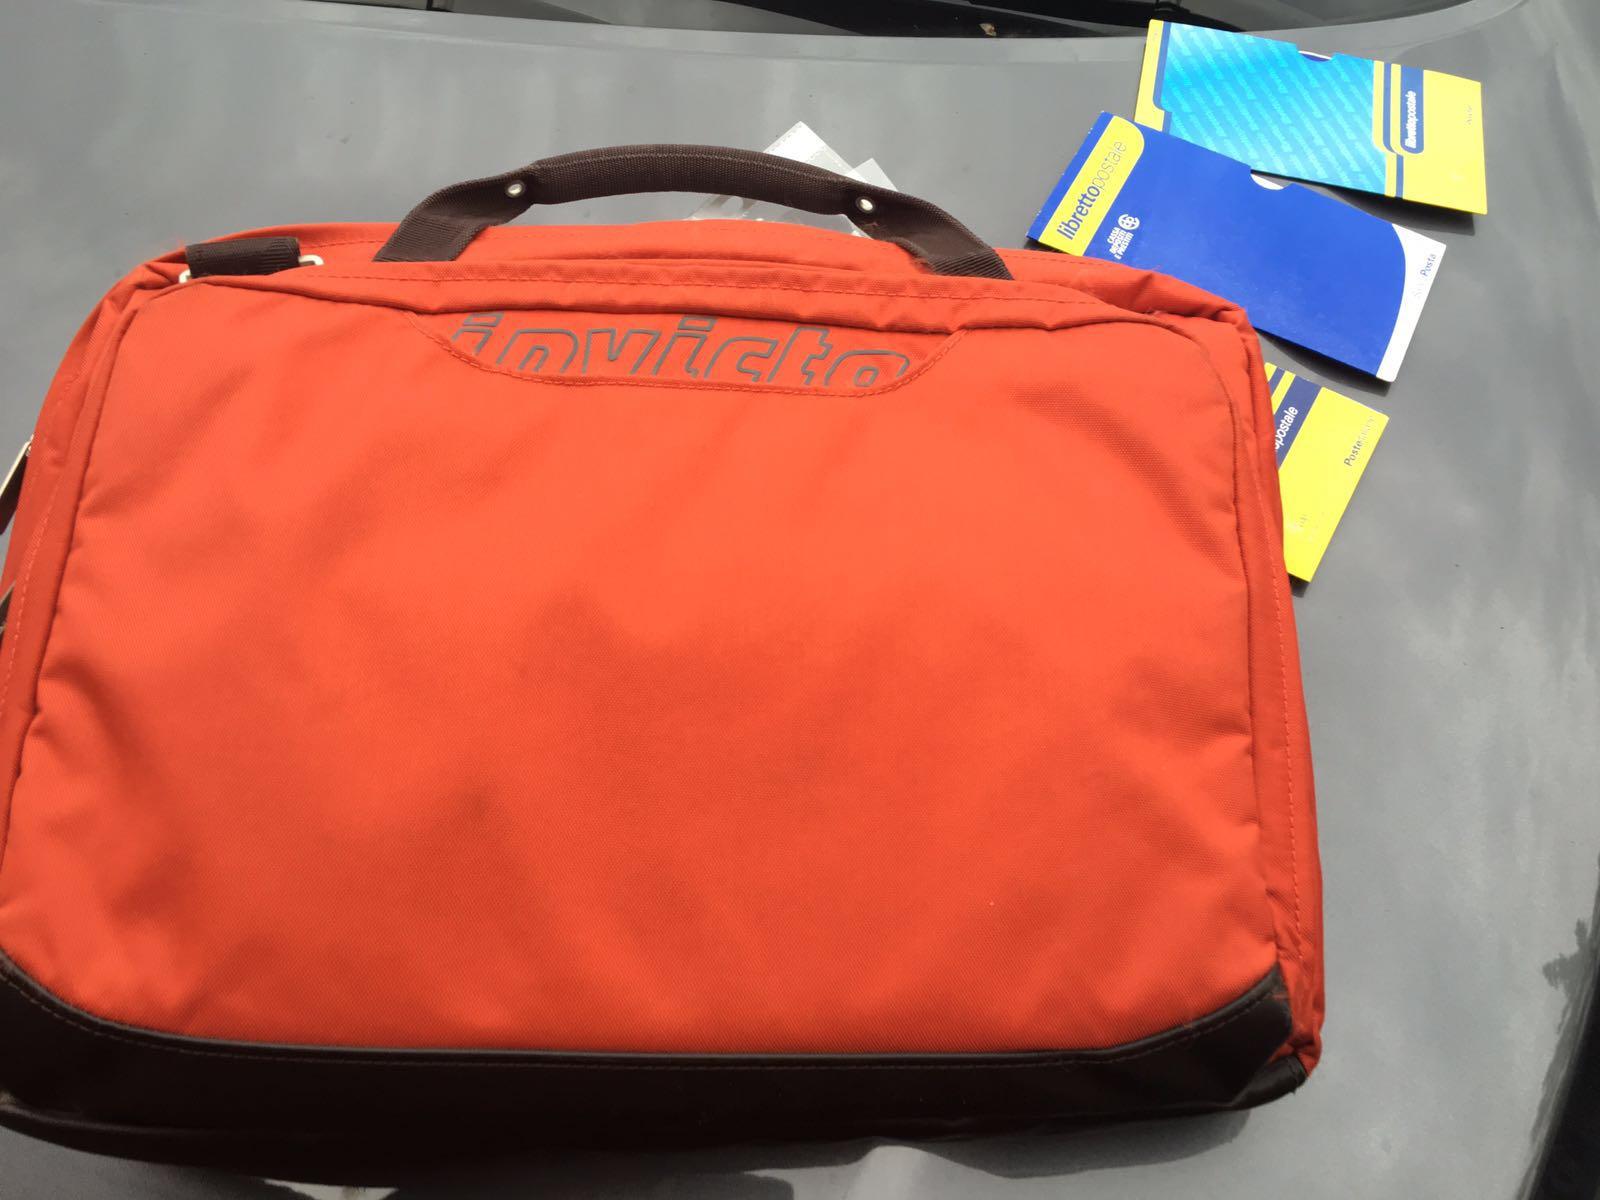 Le rubano la borsa fuori dall'ospedale: ritrovata dalla polizia